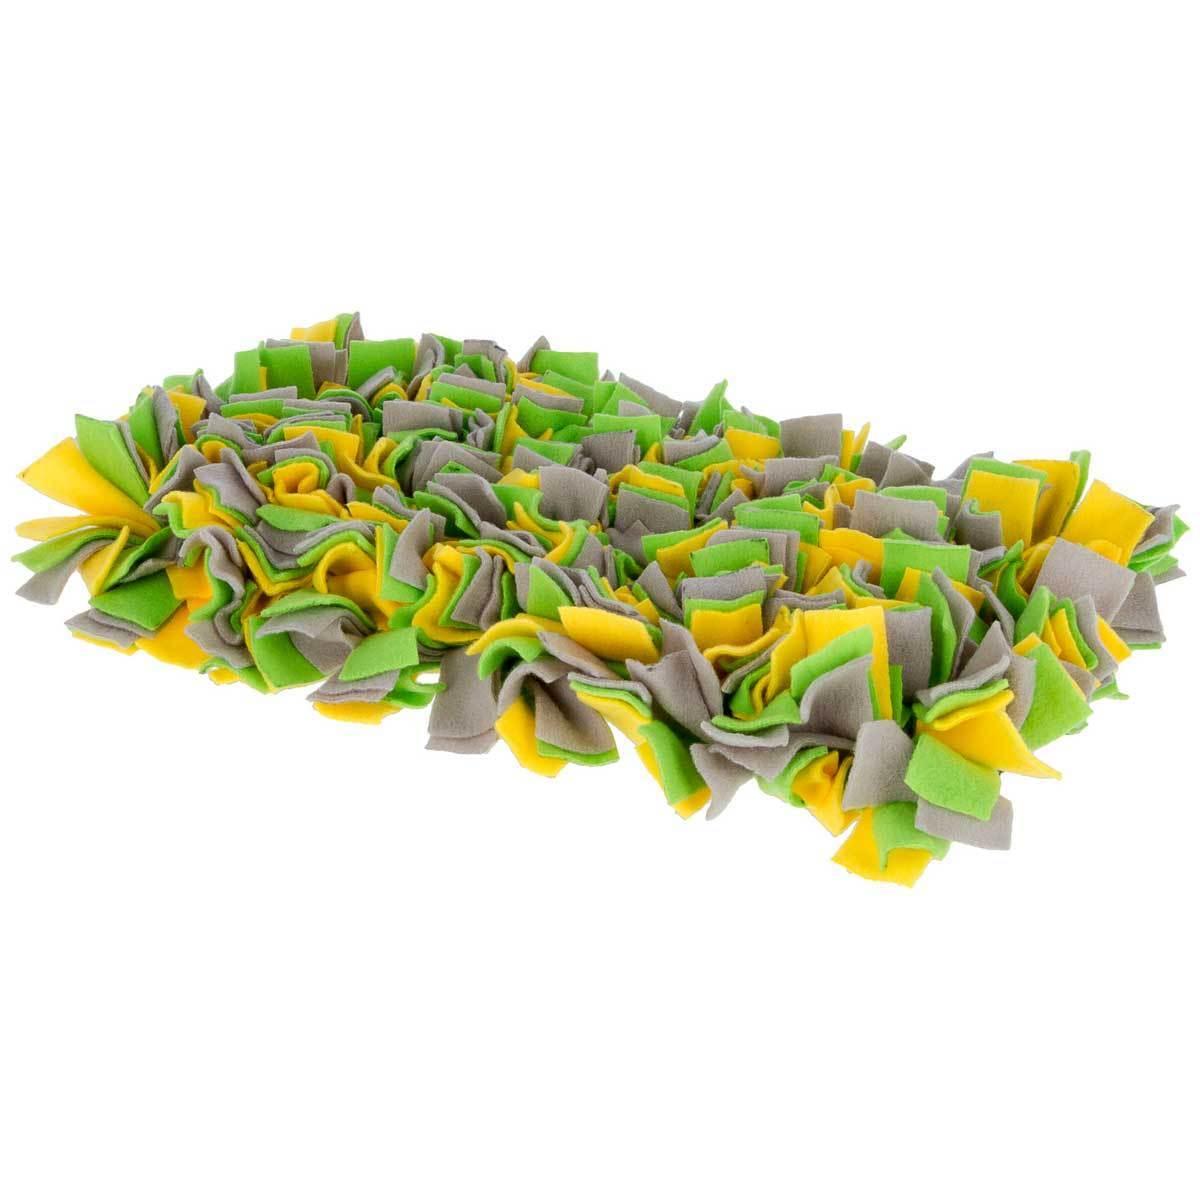 Schnüffelteppich Schnüffelteppich Schnüffelteppich Hundespielzeug Suchteppich Kerbl  | Vorzügliche Verarbeitung  dd67ce